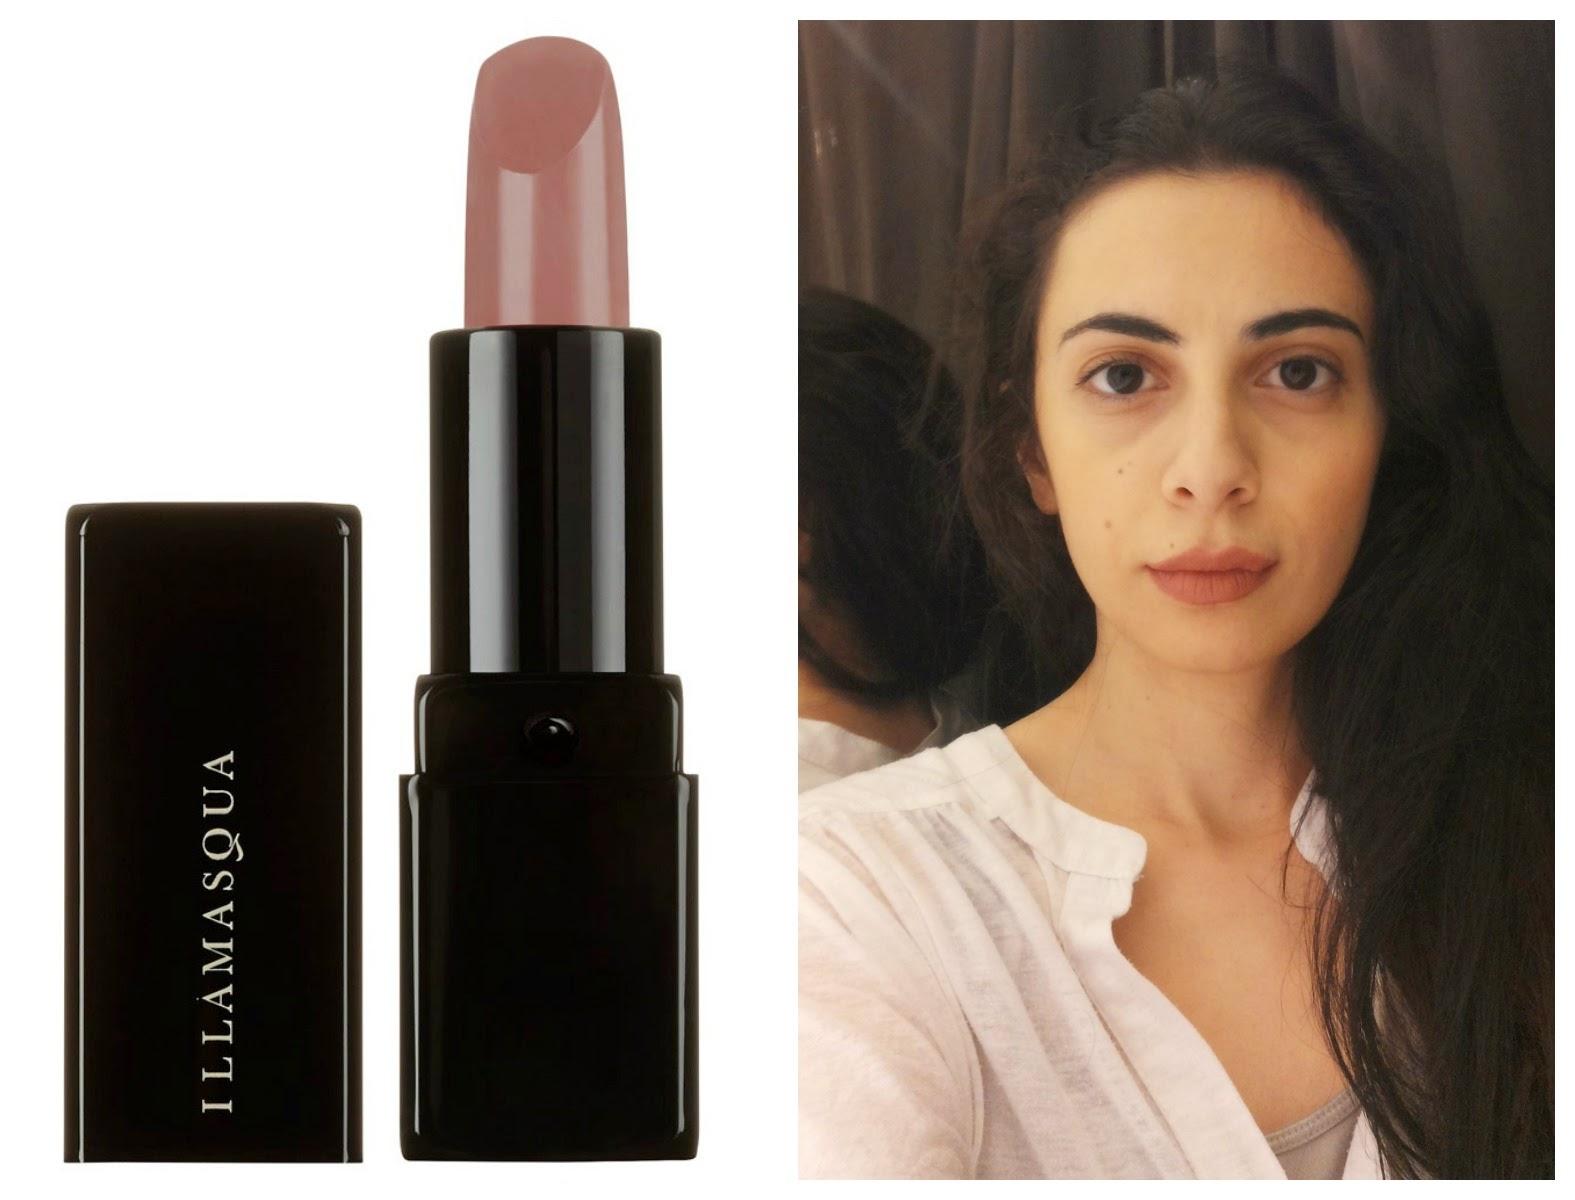 lipstick in bare by illamasqua